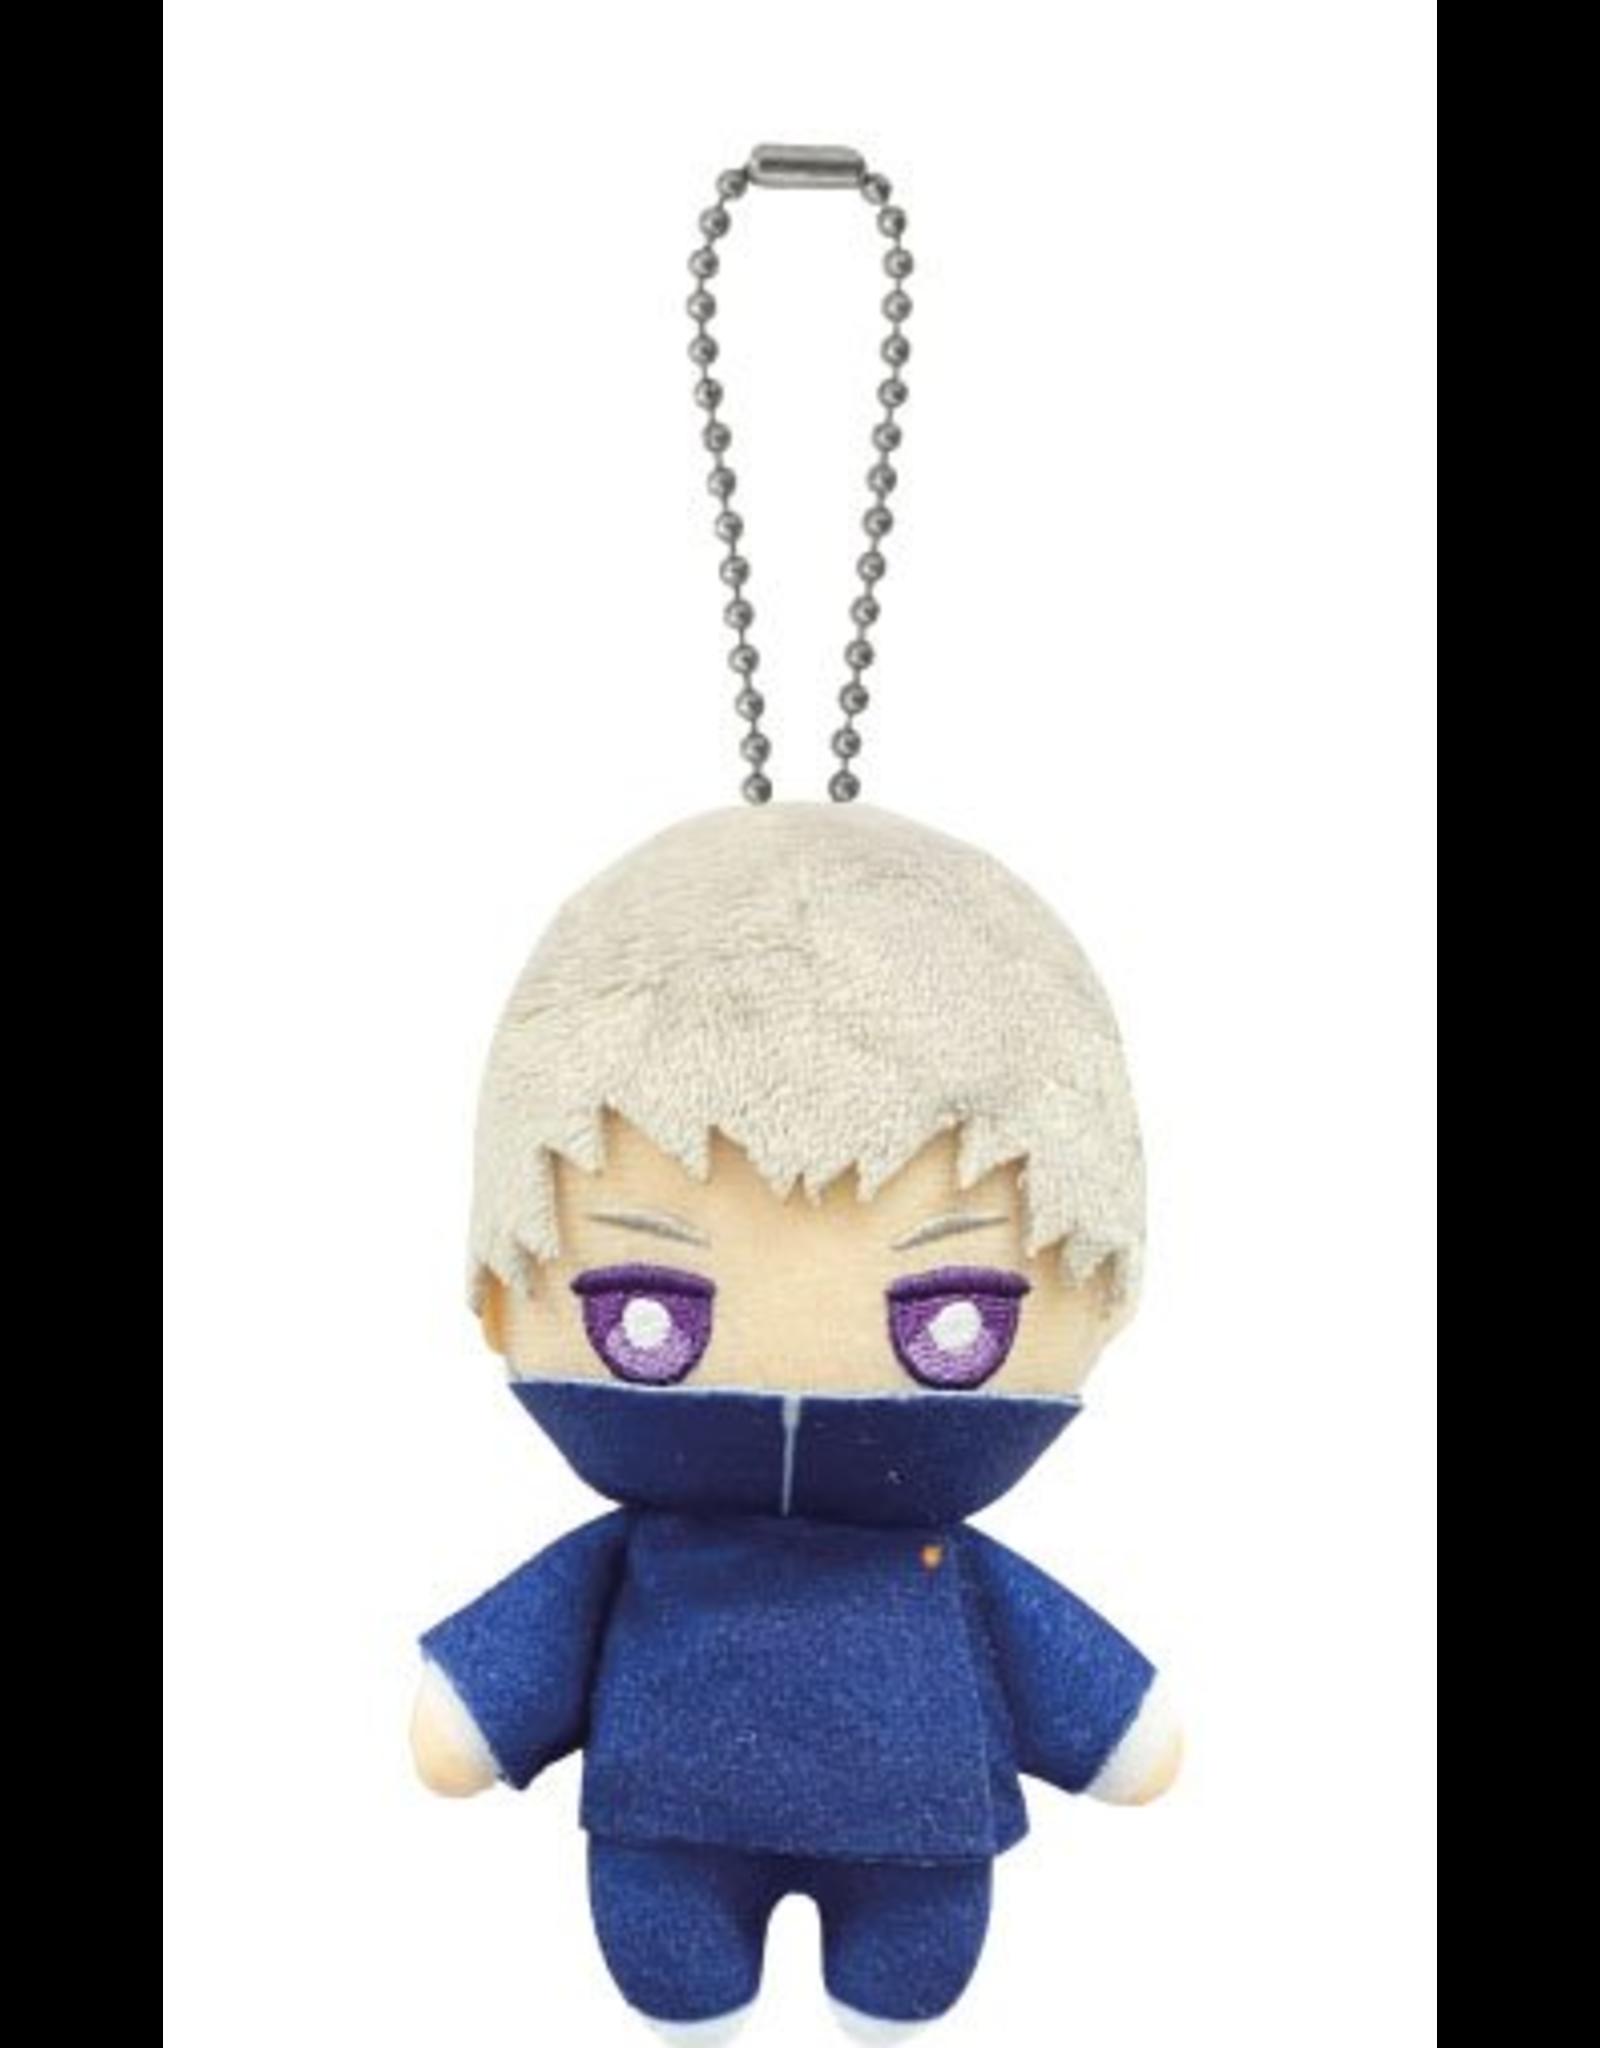 Jujutsu Kaisen - Toge Inumaki - Ball Chain Mascot Plush - 11 cm